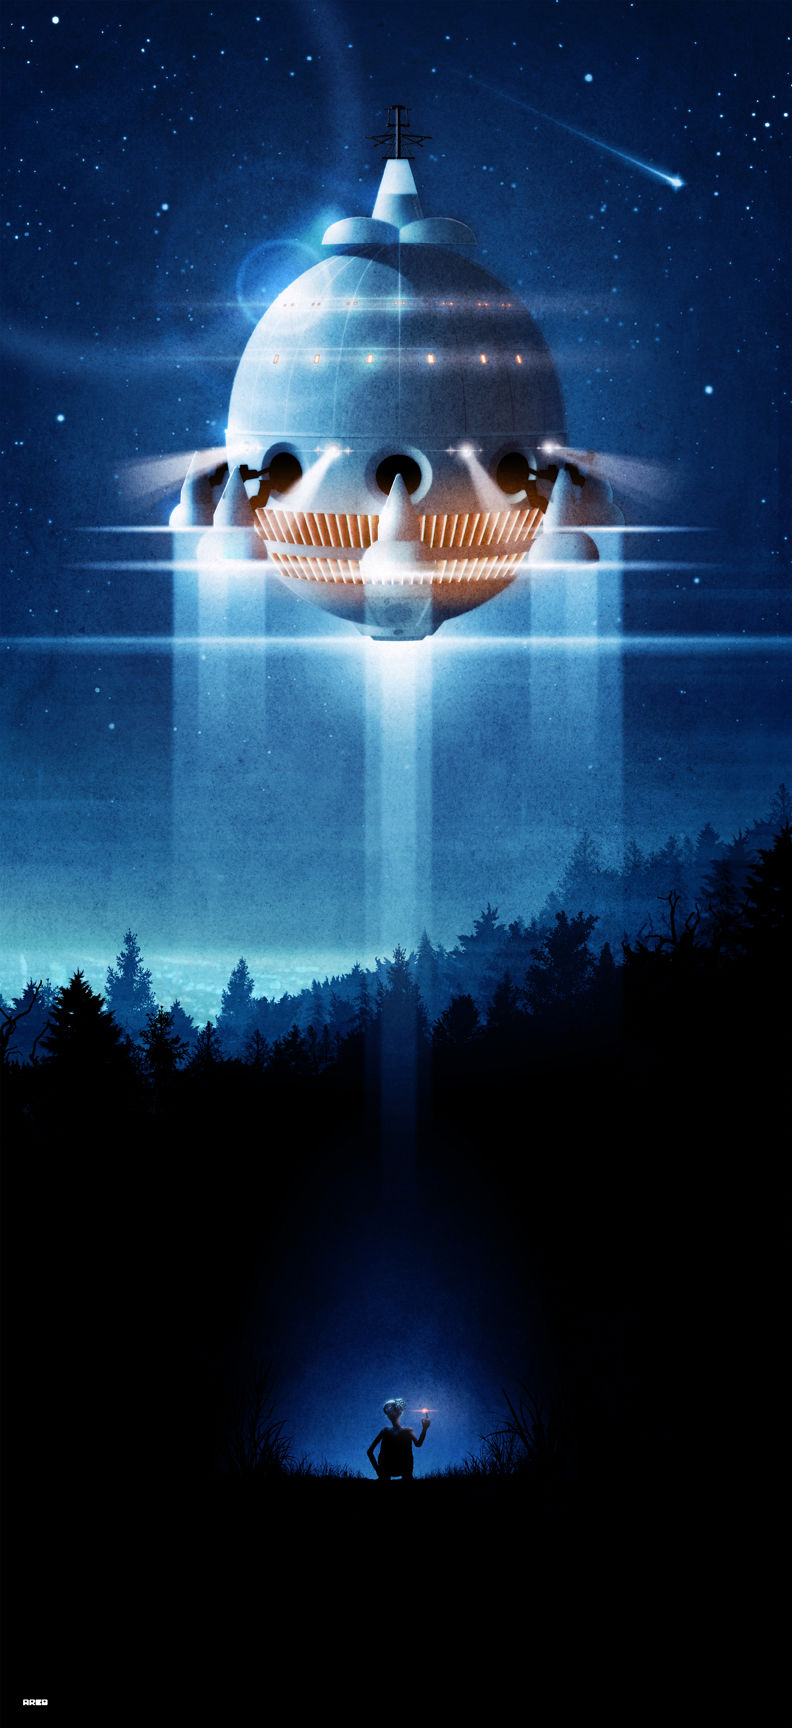 stunning-poster-art-for-iconic-movies-by-matt-fergusonMatt-Ferguson-ET.jpg